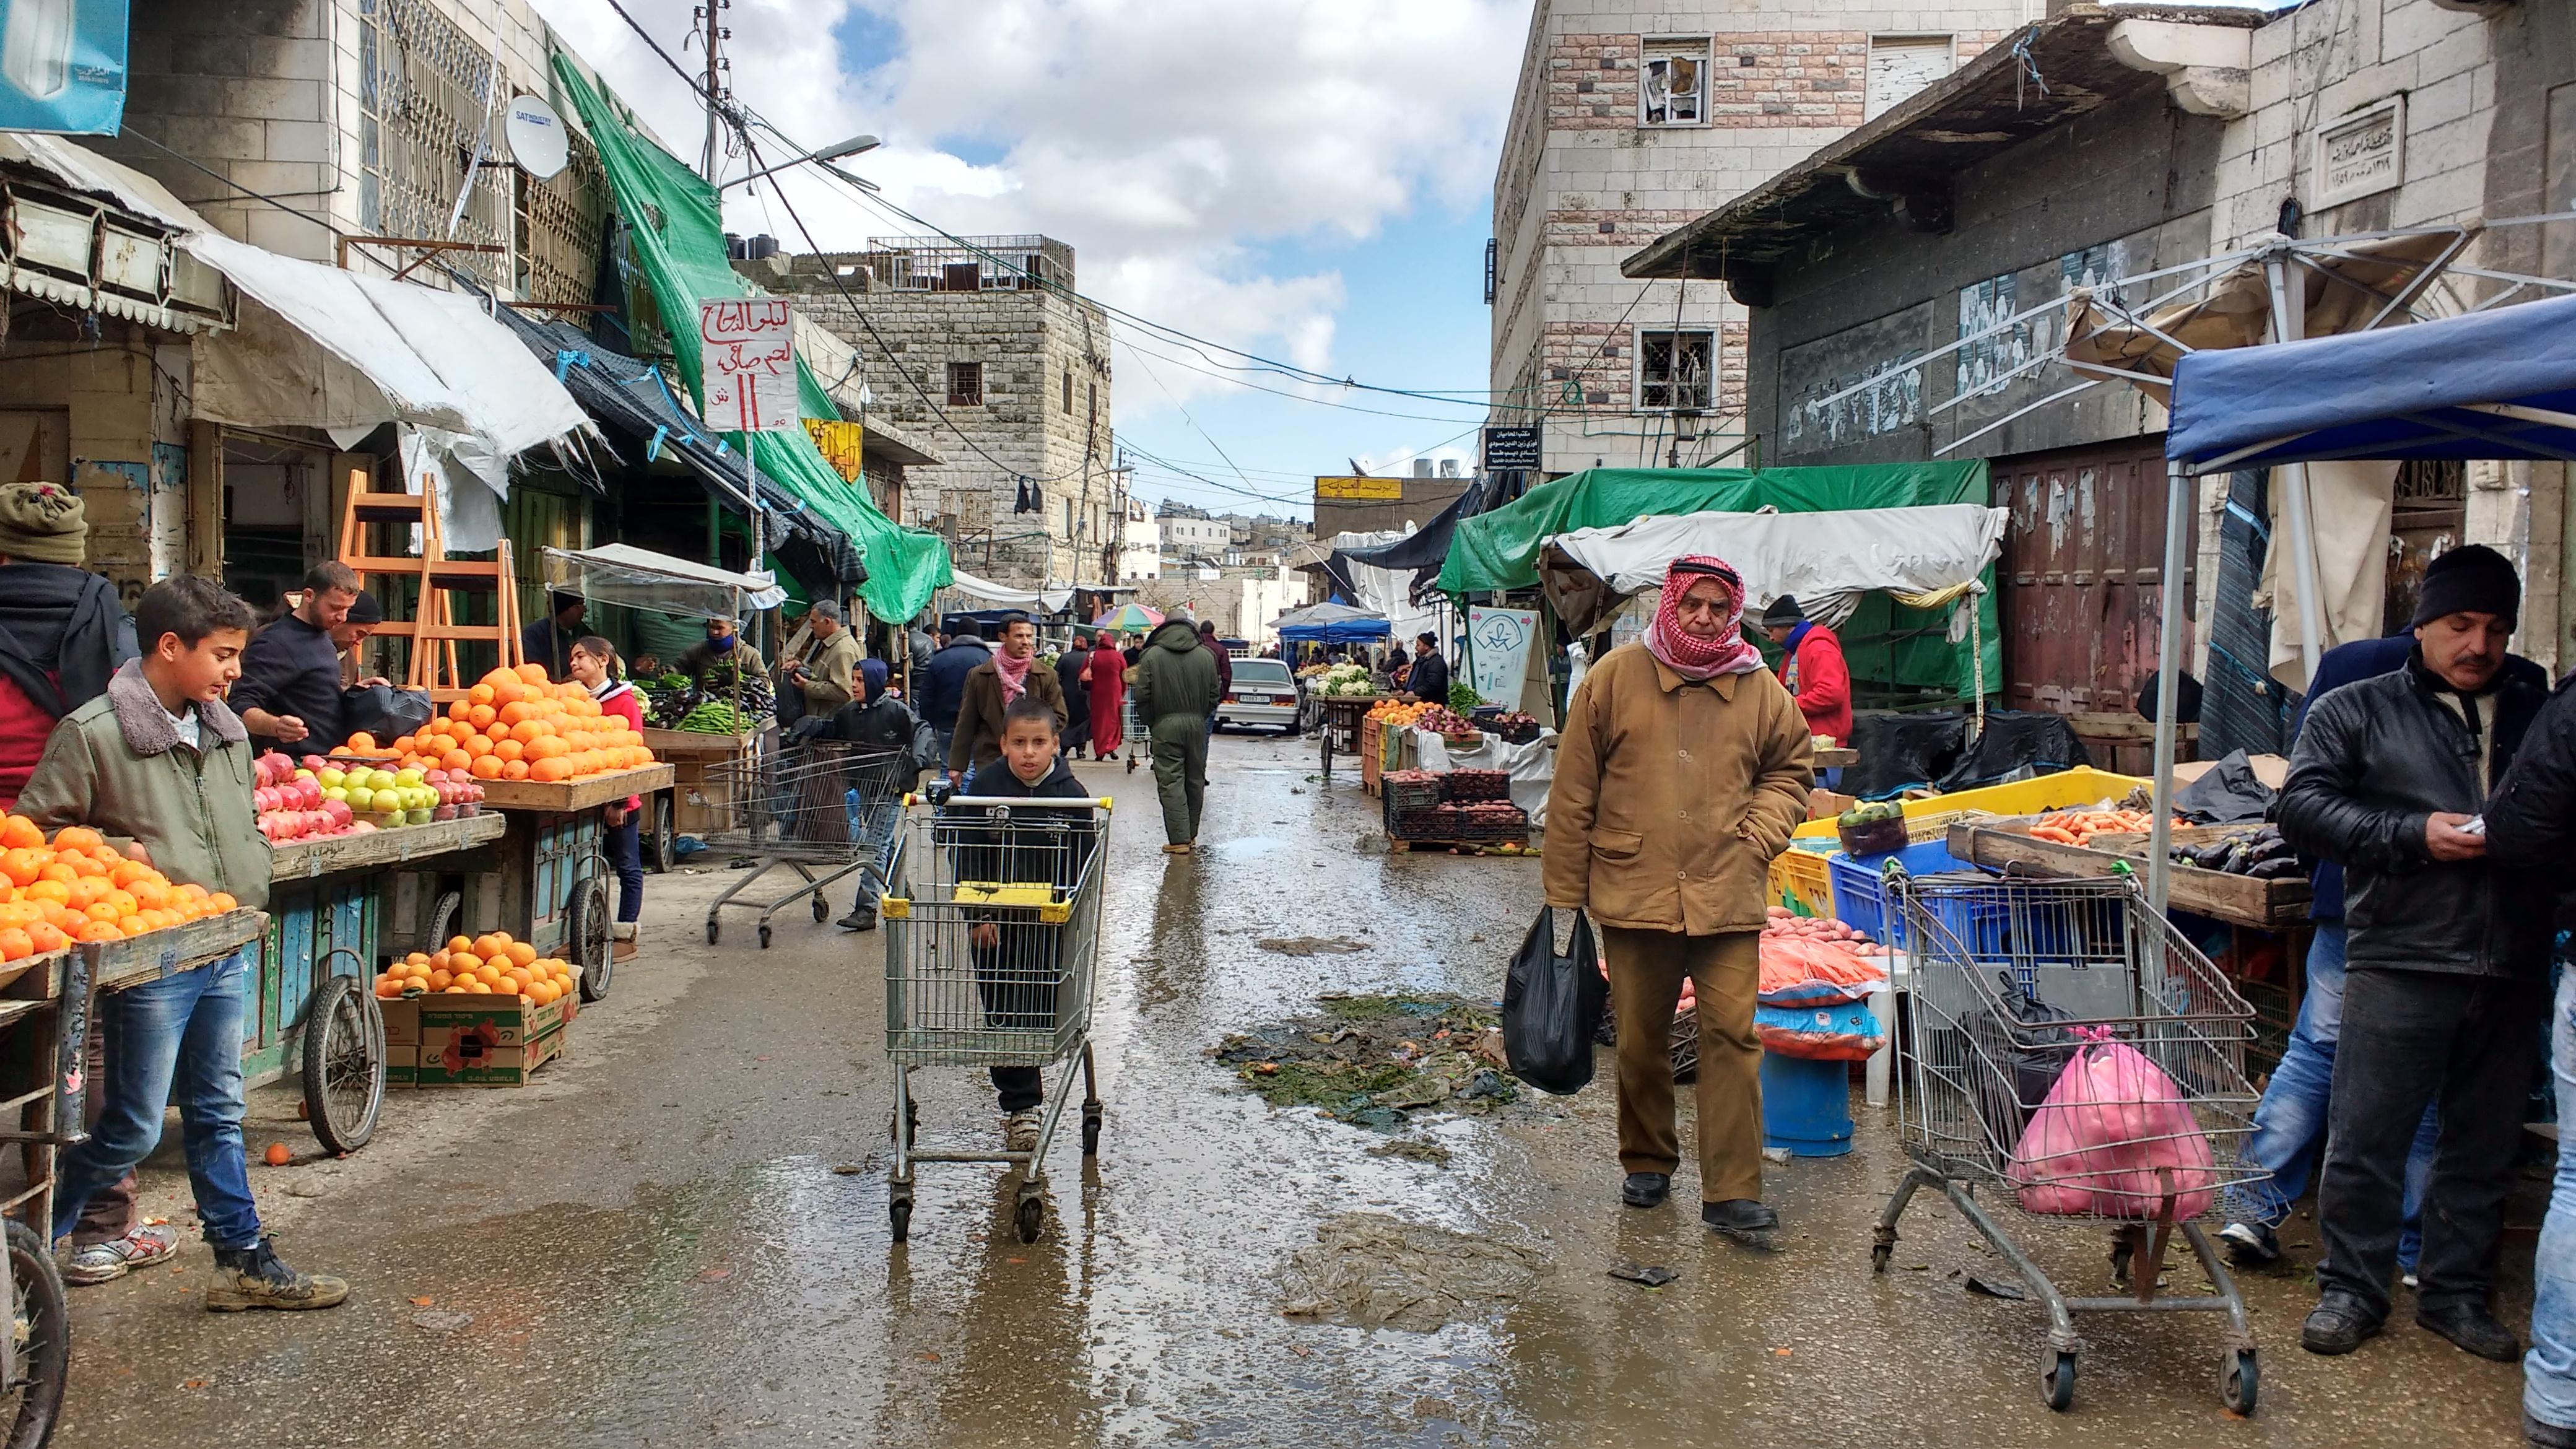 """Vida en la calle del centro de Hebrón, a un lado de la """"Ciudad vieja""""Foto: Susana Norman"""